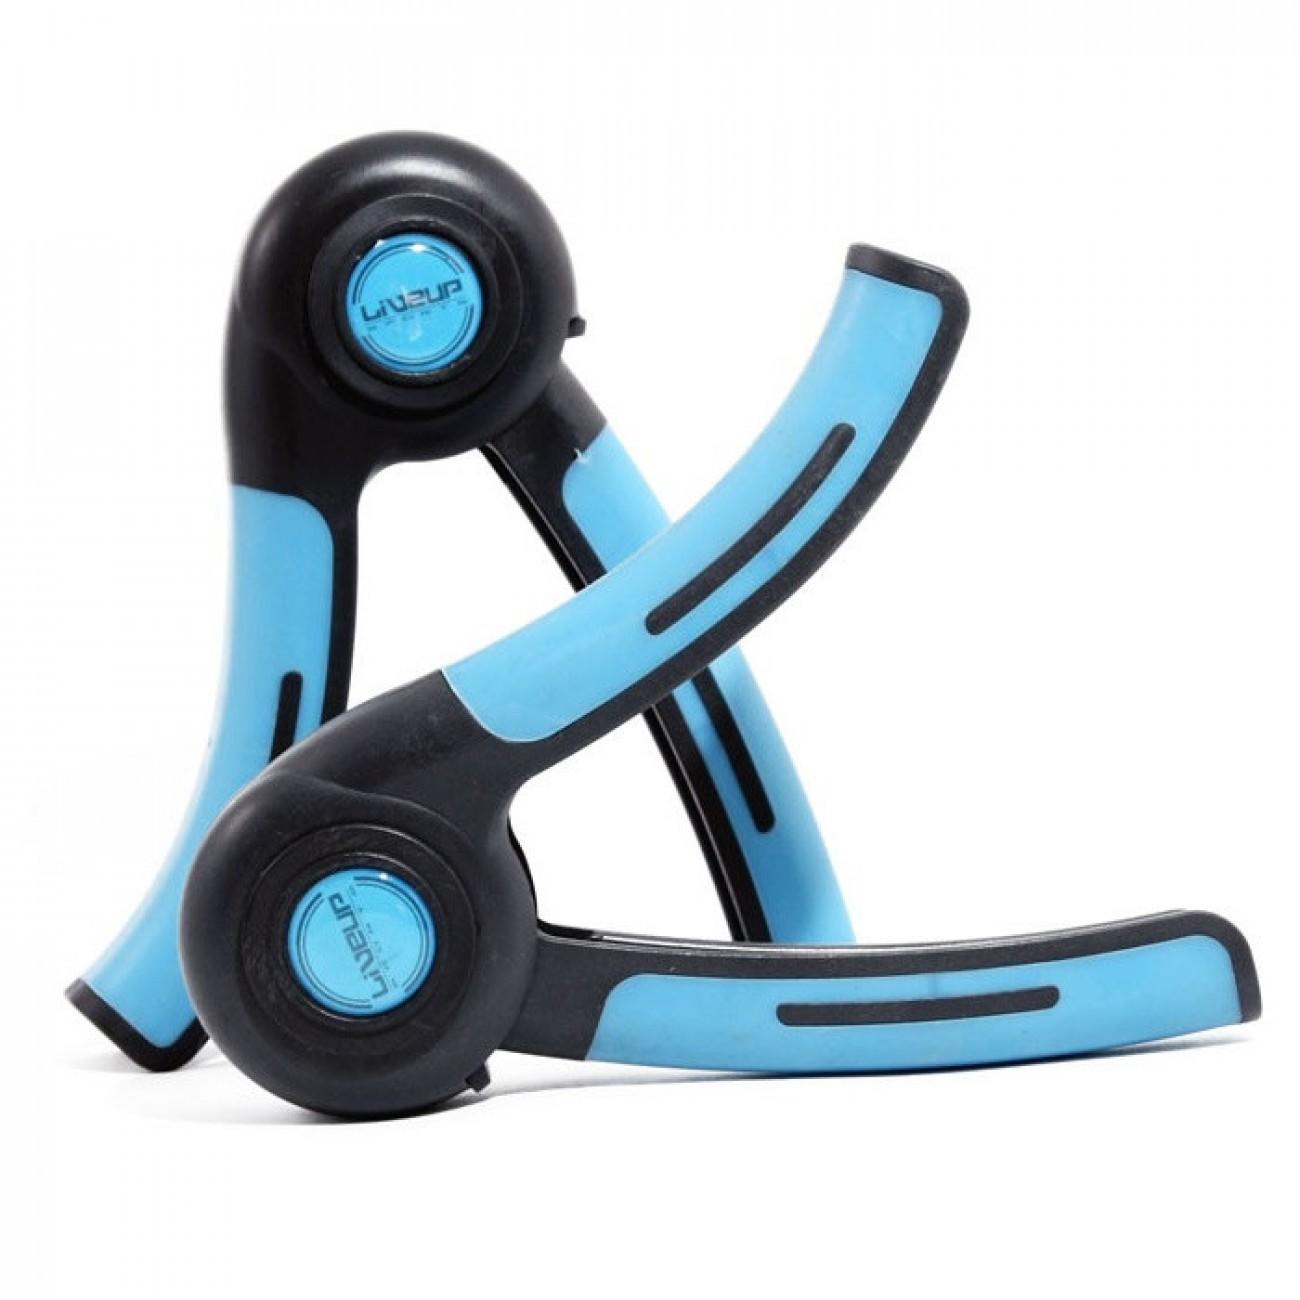 Hand Grip 2 unidades (Par) Azul Liveup